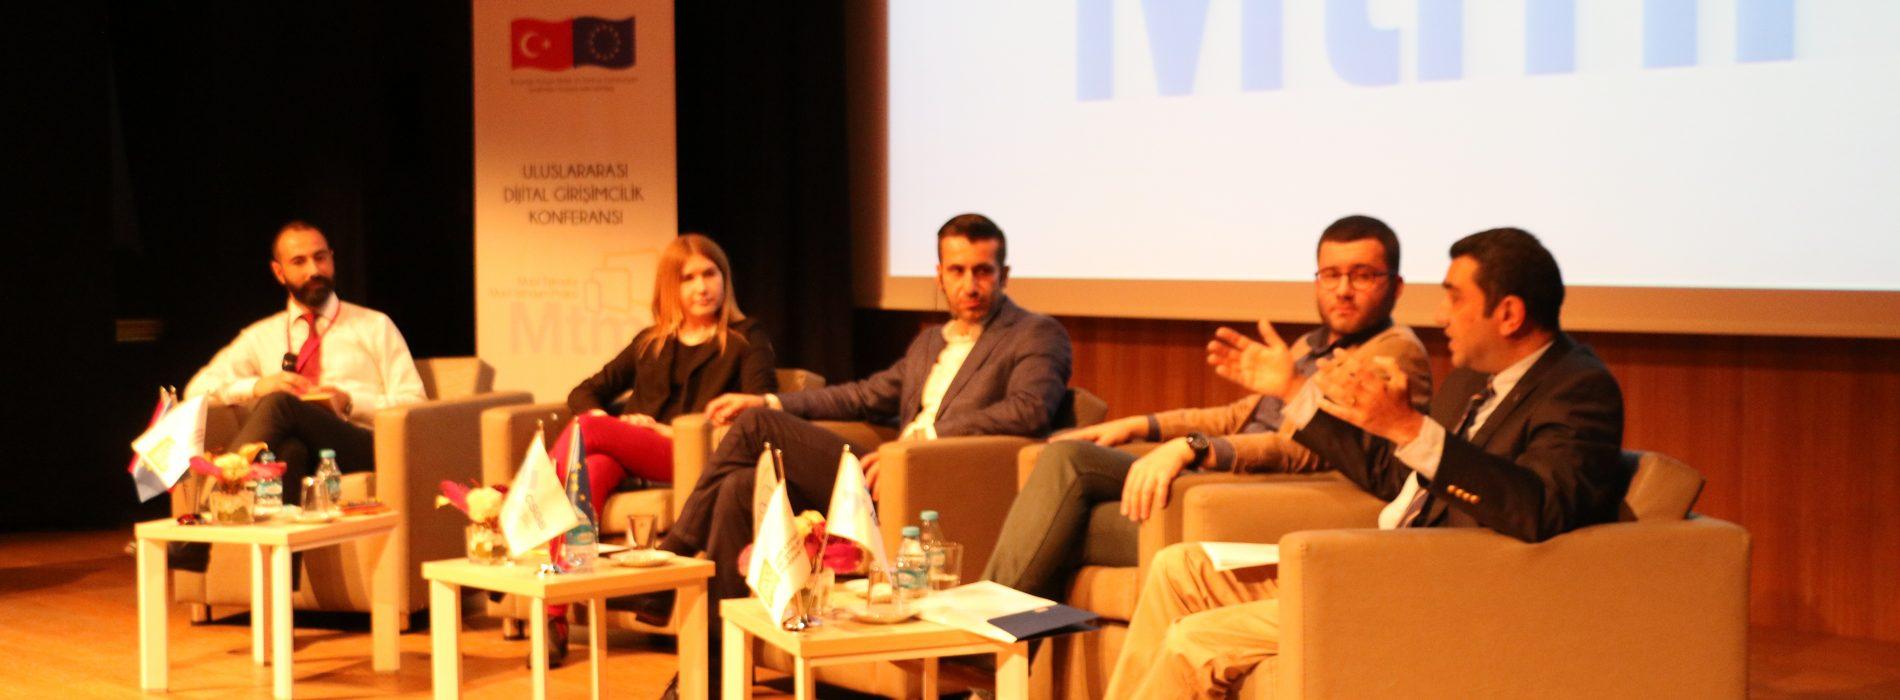 Uluslararası Dijital Girişimcilik Konferansı Gerçekleşti